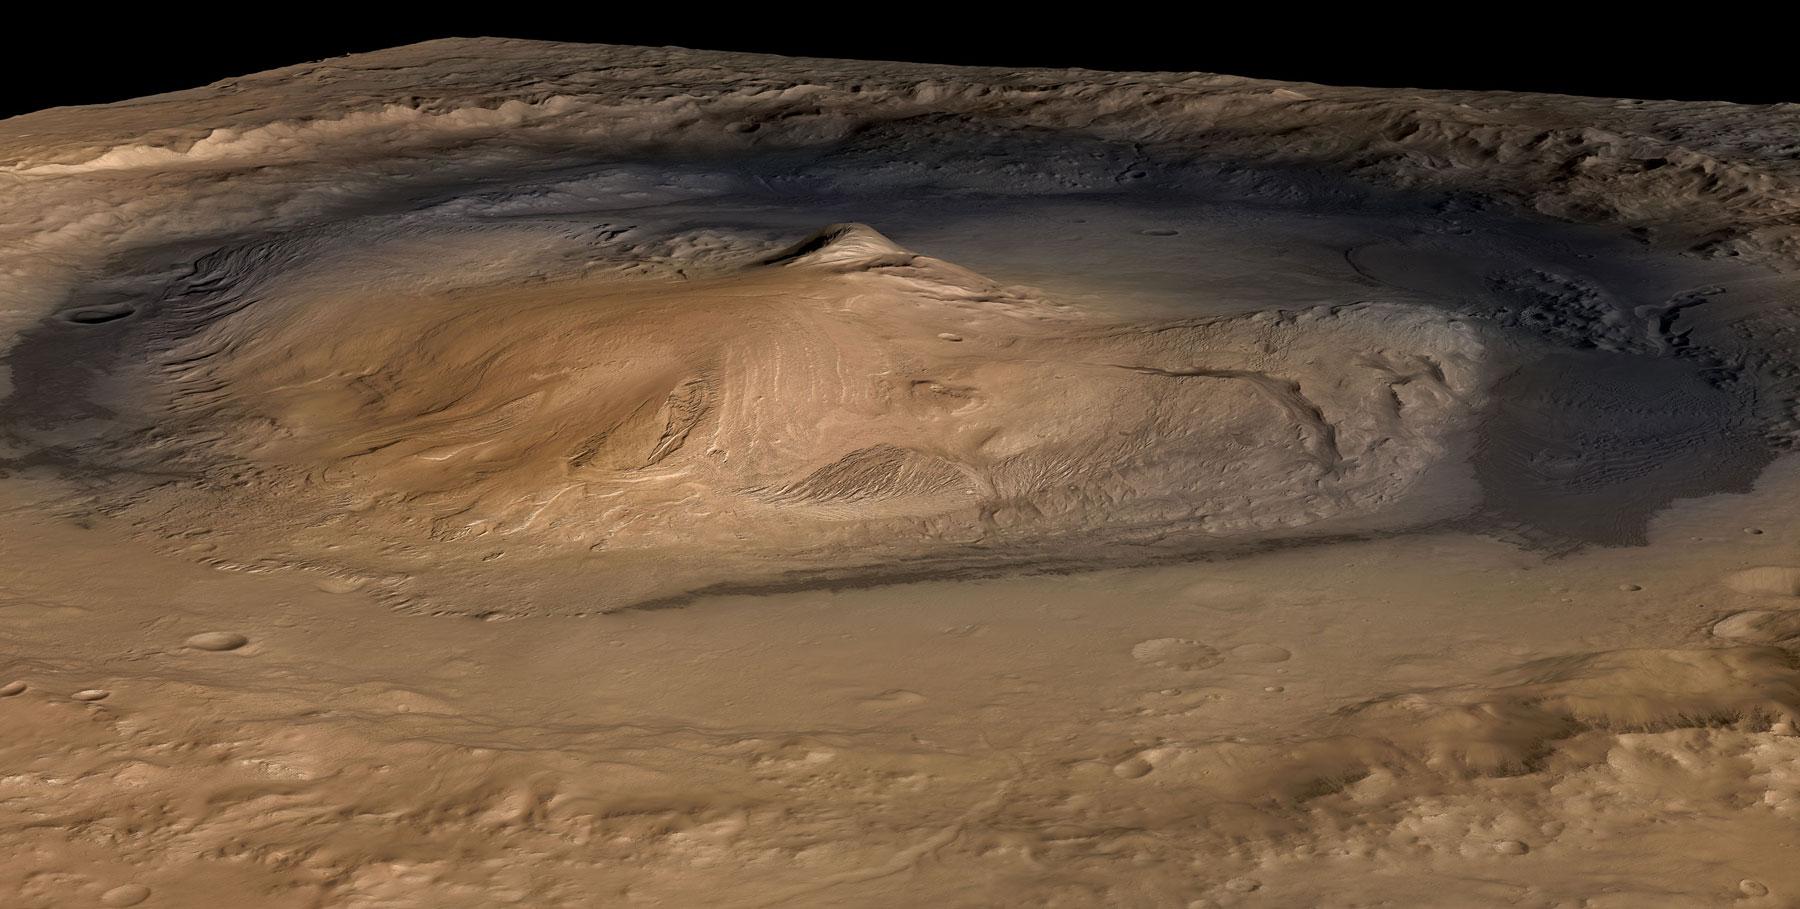 Зонд НАСА сфотографировал следы тающего льда вкратере наМарсе